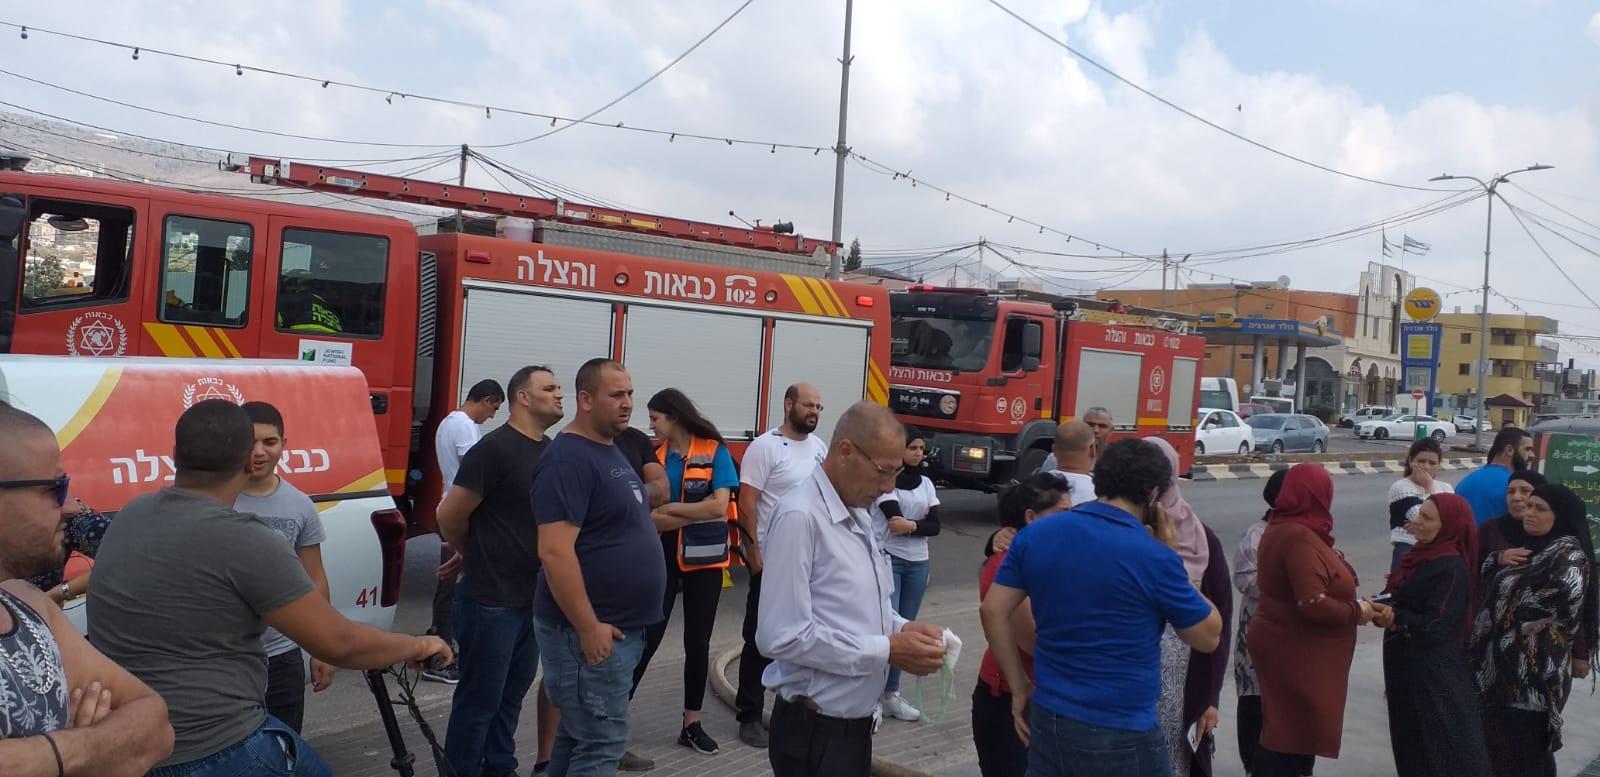 مجد الكروم: حريق في محل تجاري